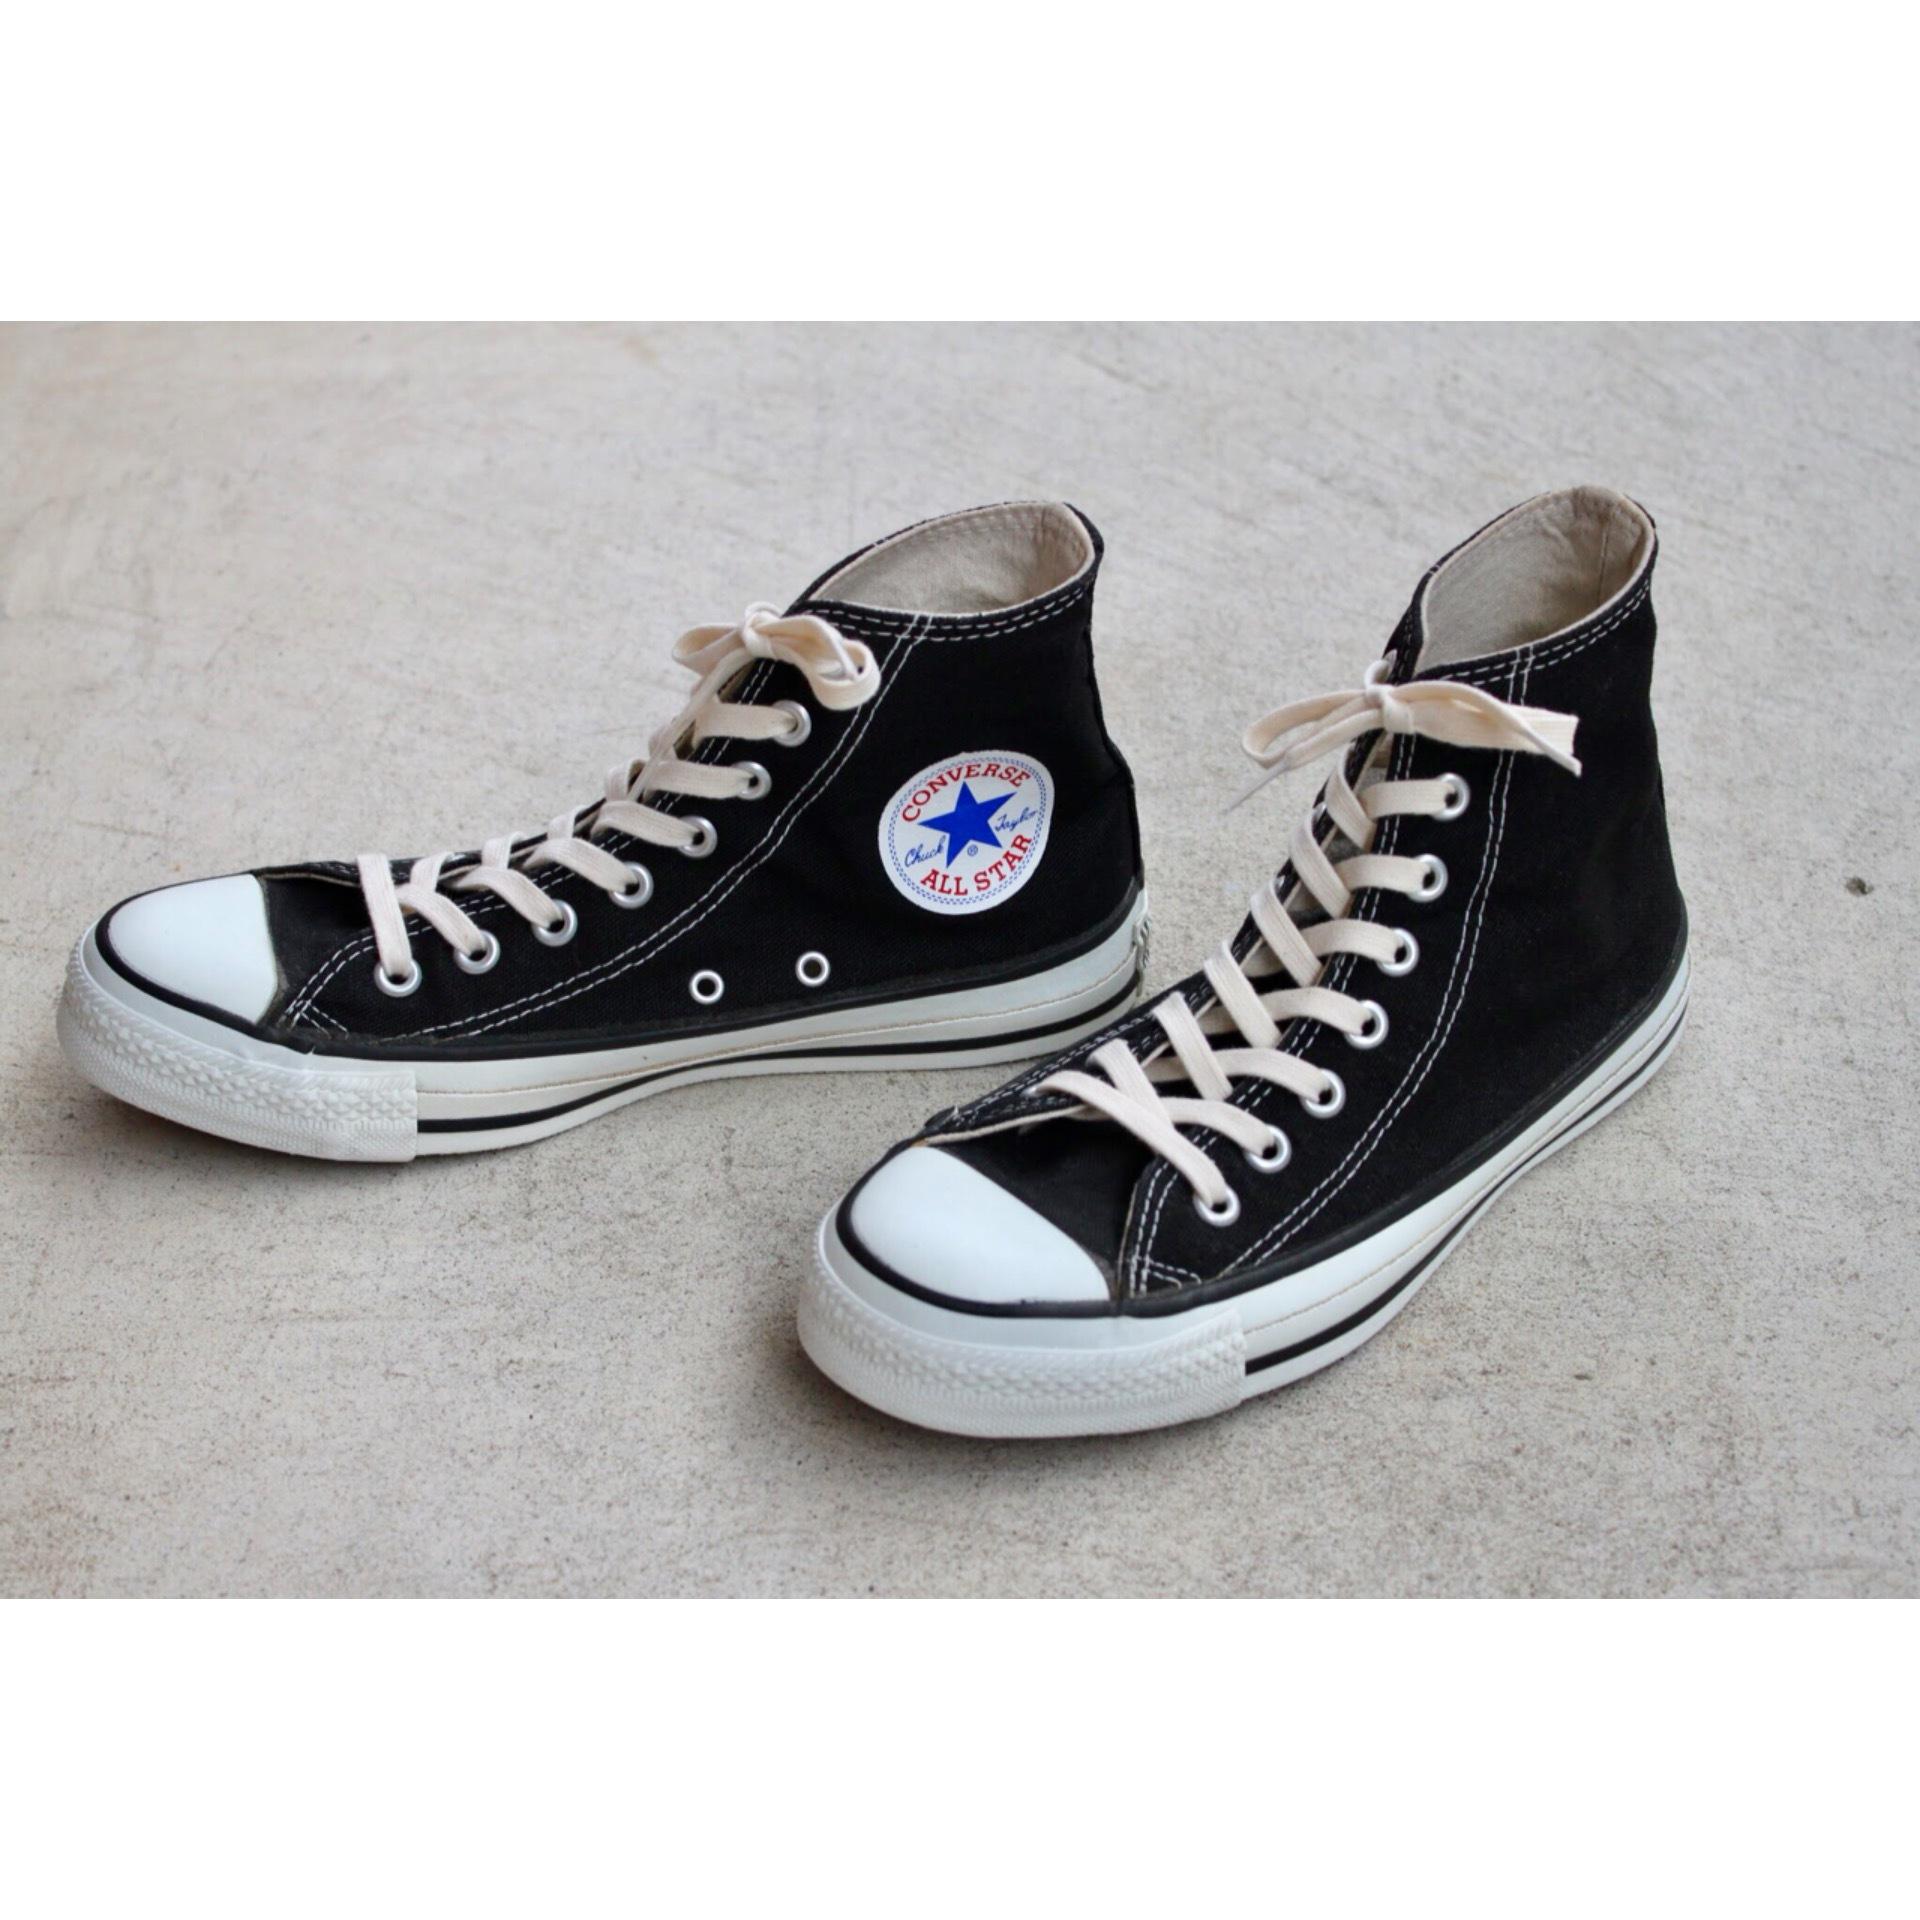 90s Converse Made in U.S.A. 6 1/2